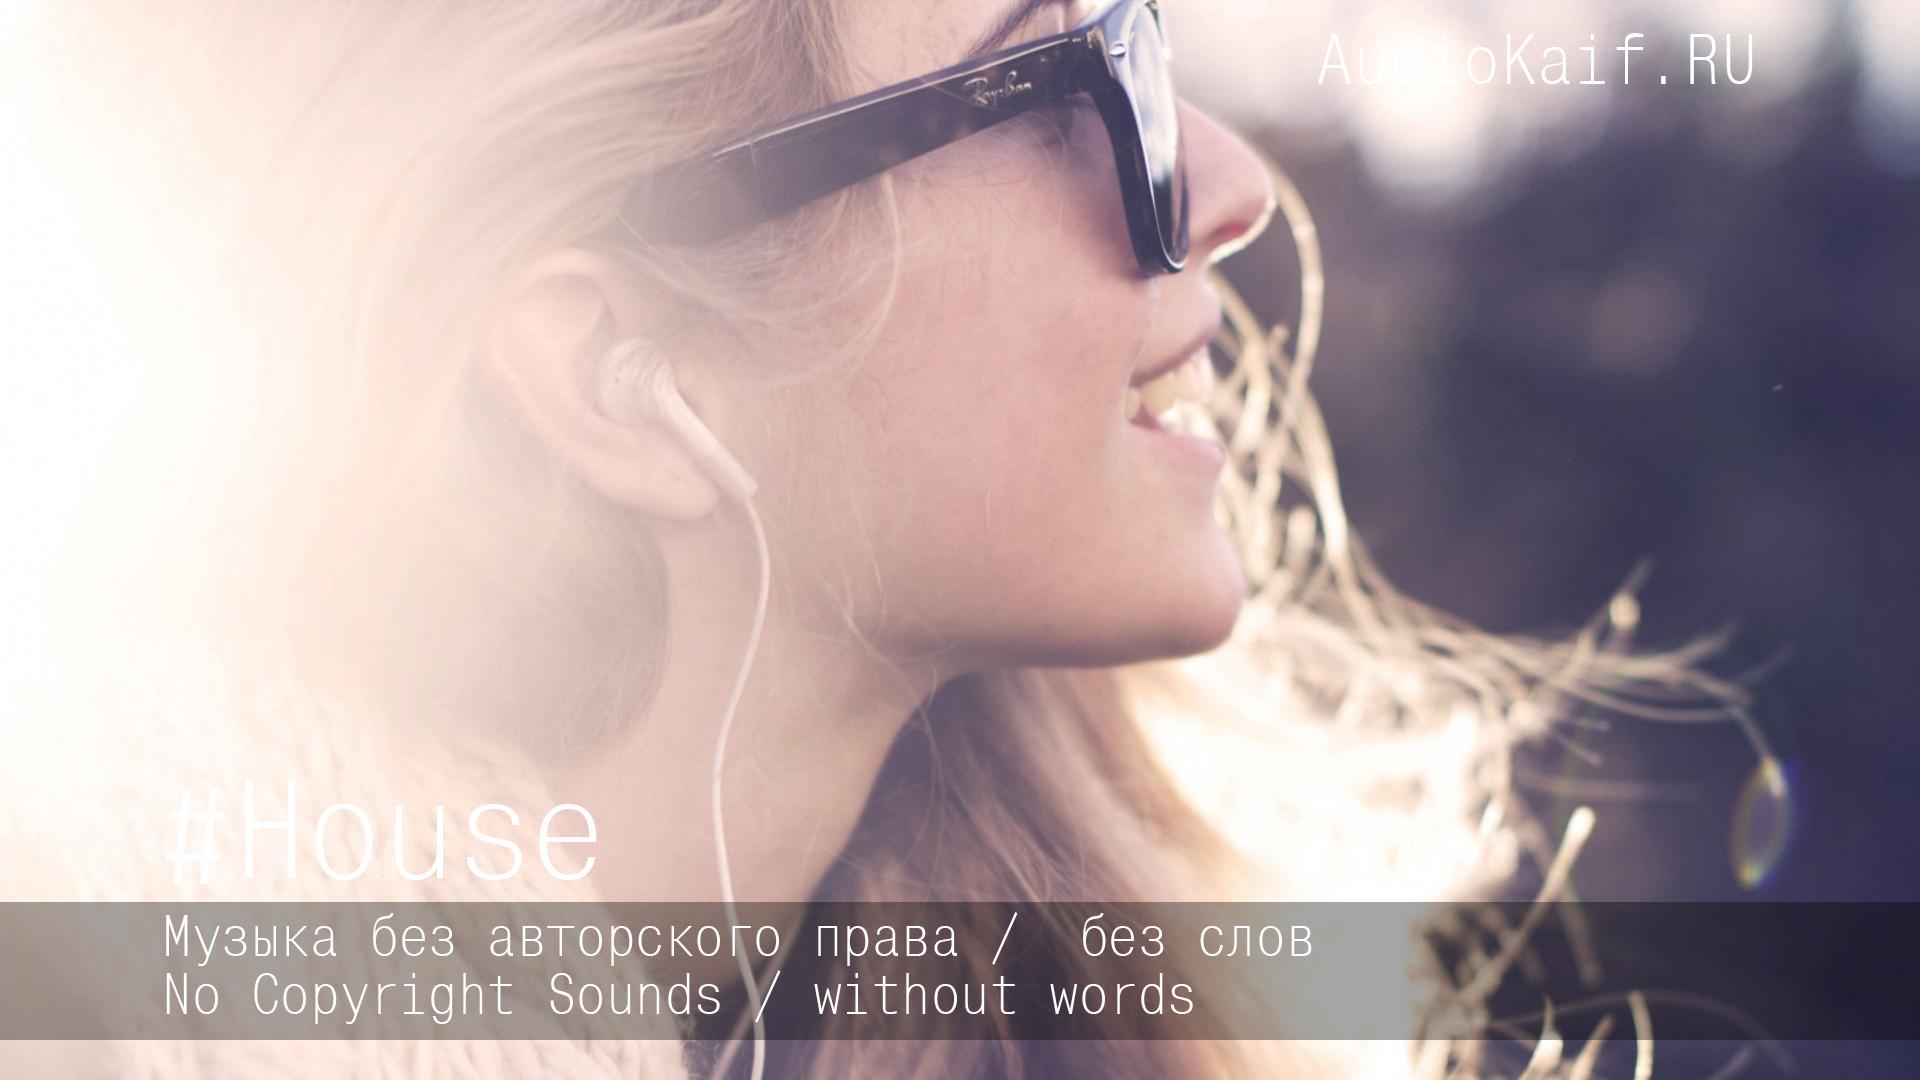 Музыка без авторского права / Rolipso Jumble / House / AudioKaif RU